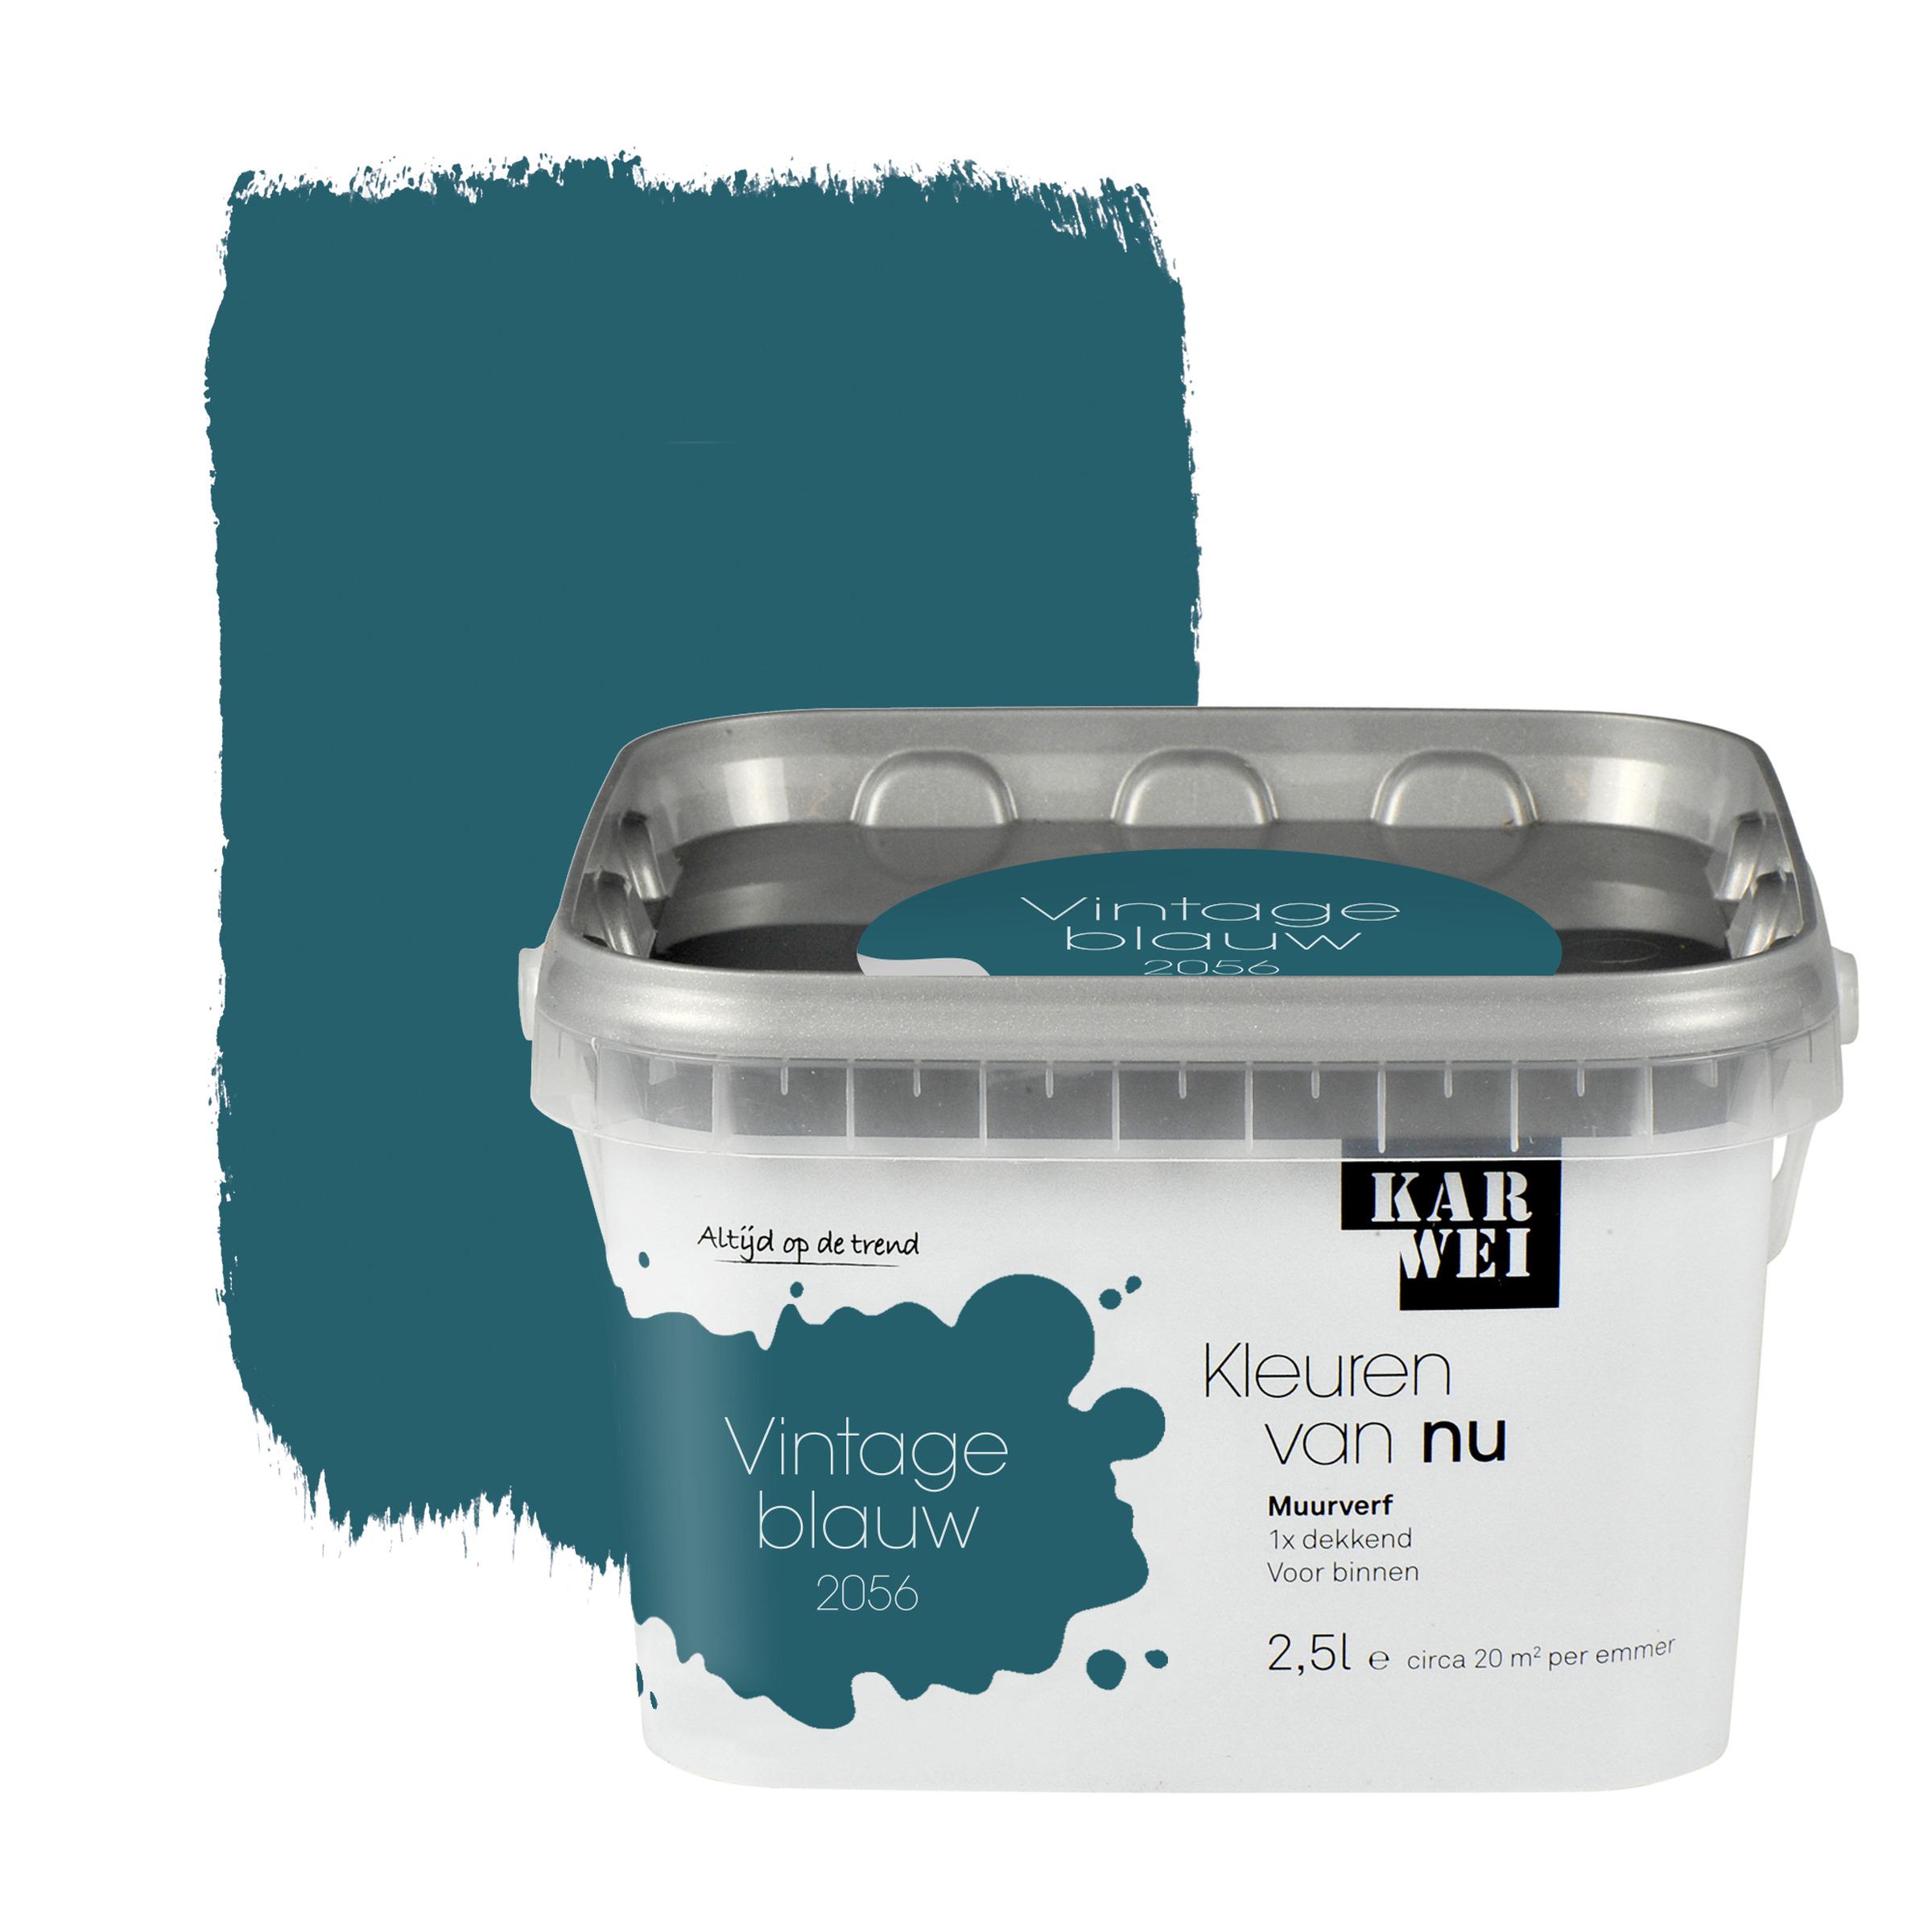 Karwei kleuren van nu muurverf mat vintage blauw 2 5l muurverf kleur muurverf verf karwei - Kleur blauwe verf ...